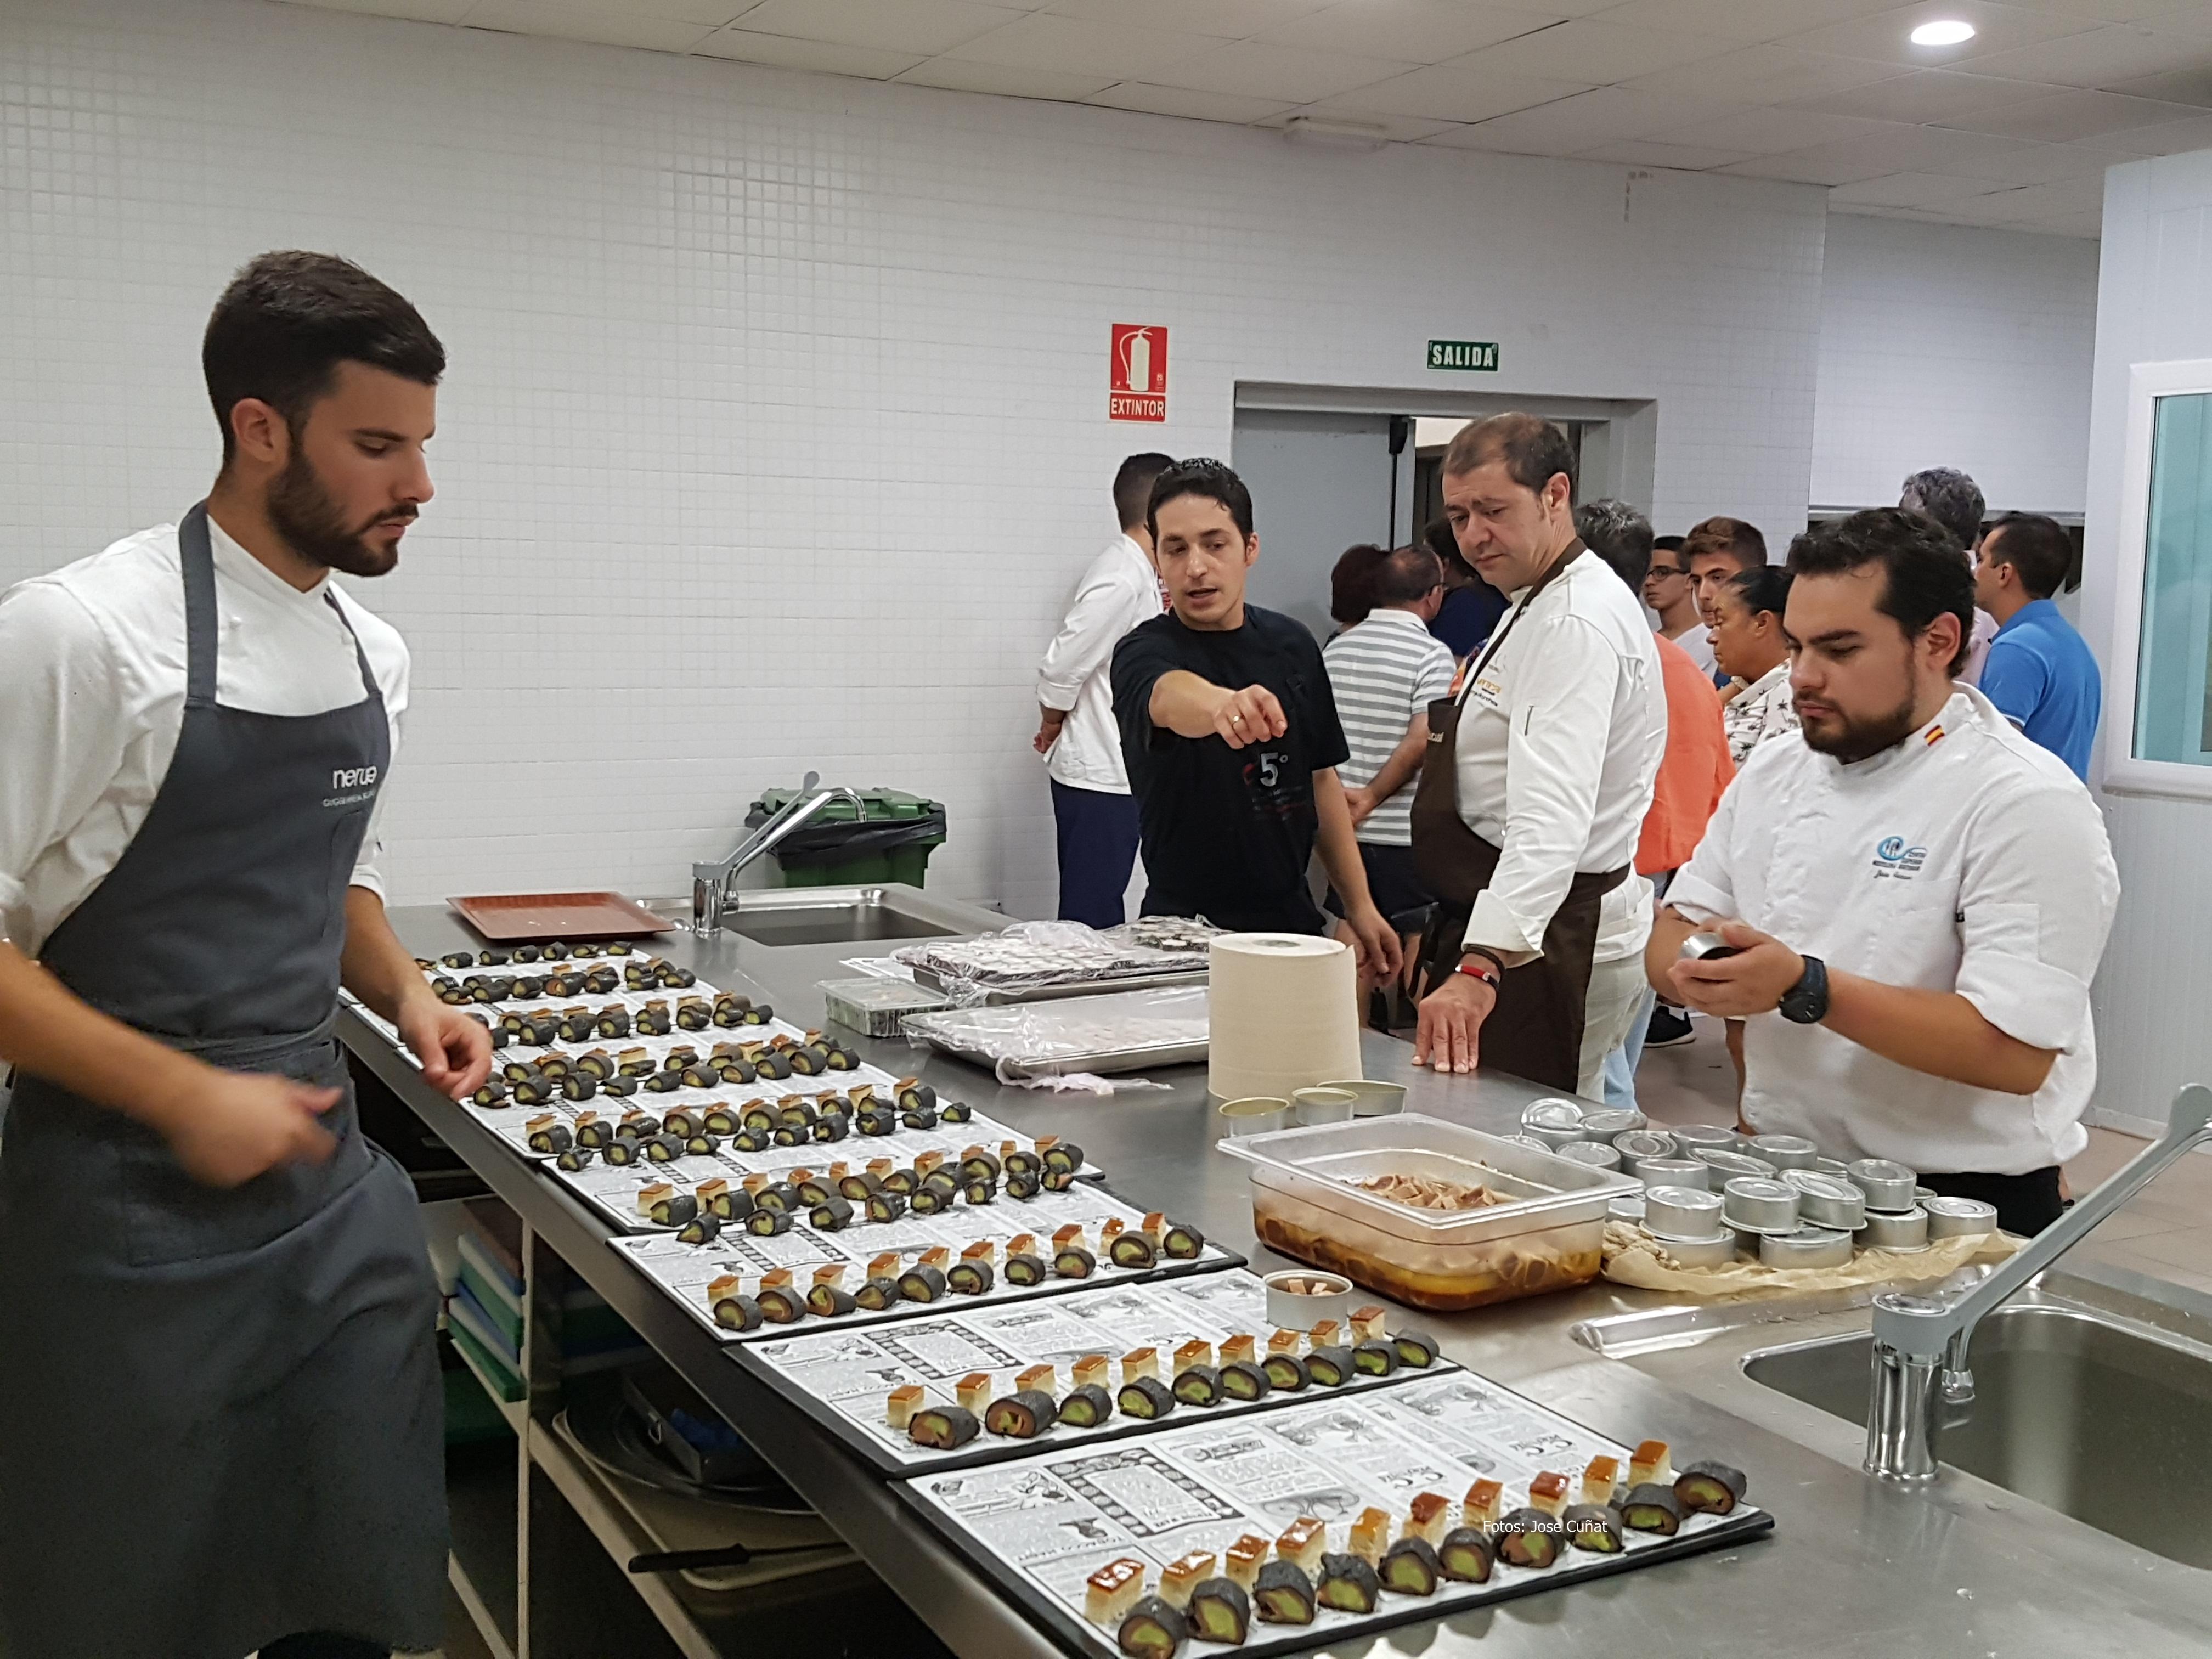 Se presentó la oferta formativa 2016-2017 de la Escuela de Hostelería Fundación Cruzcampo en Valencia